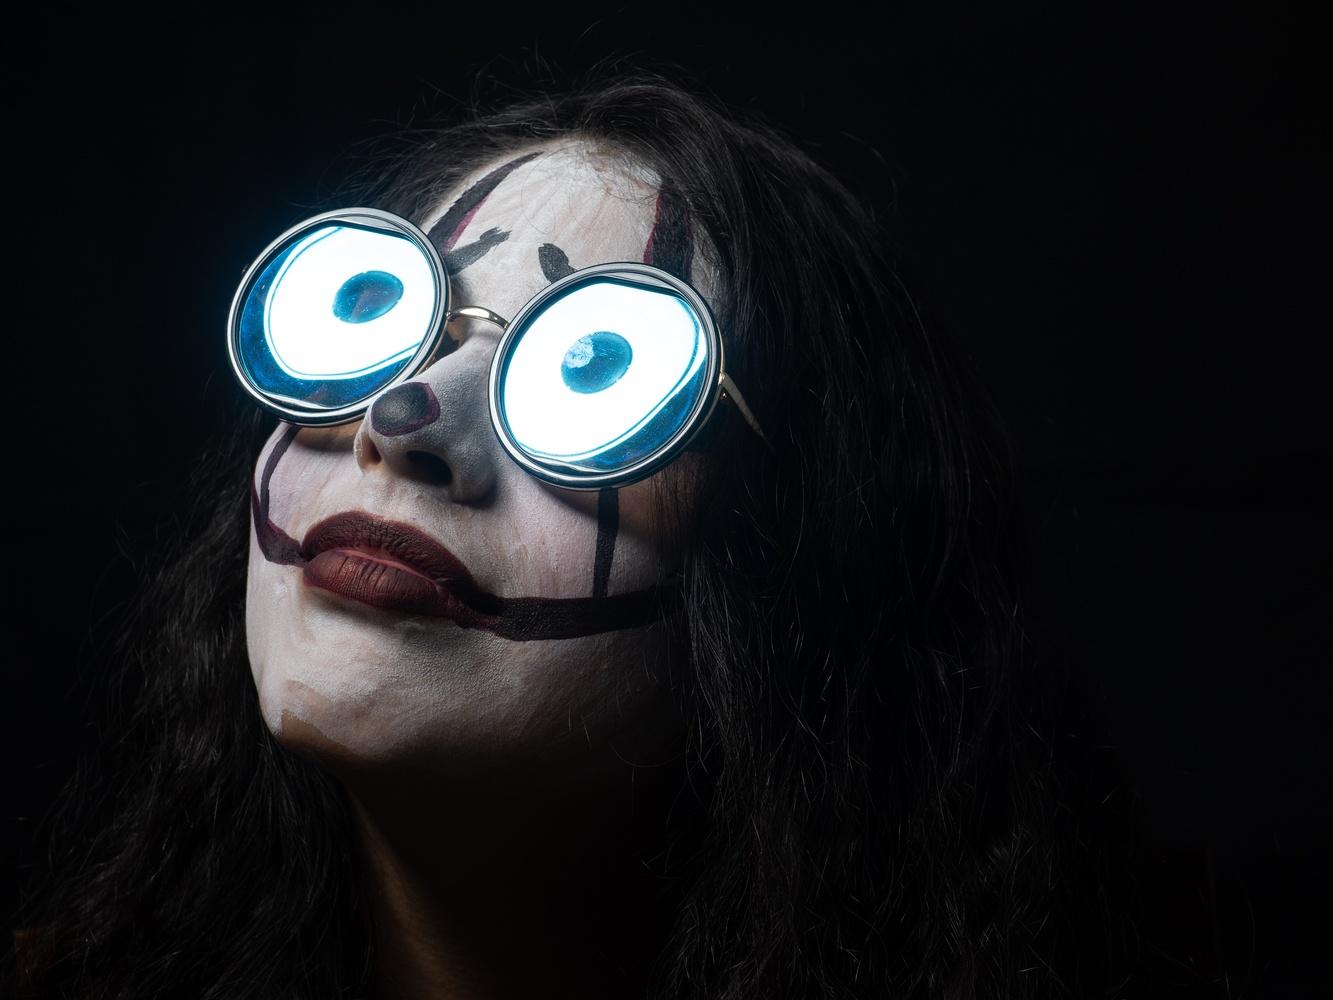 Spooky Portrait by Raul Farfan